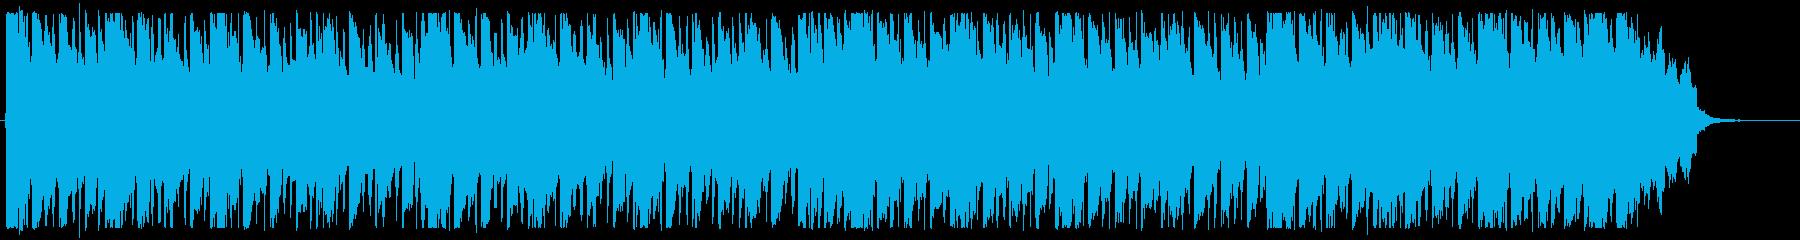 涼しい/ディープハウス_No408_4の再生済みの波形